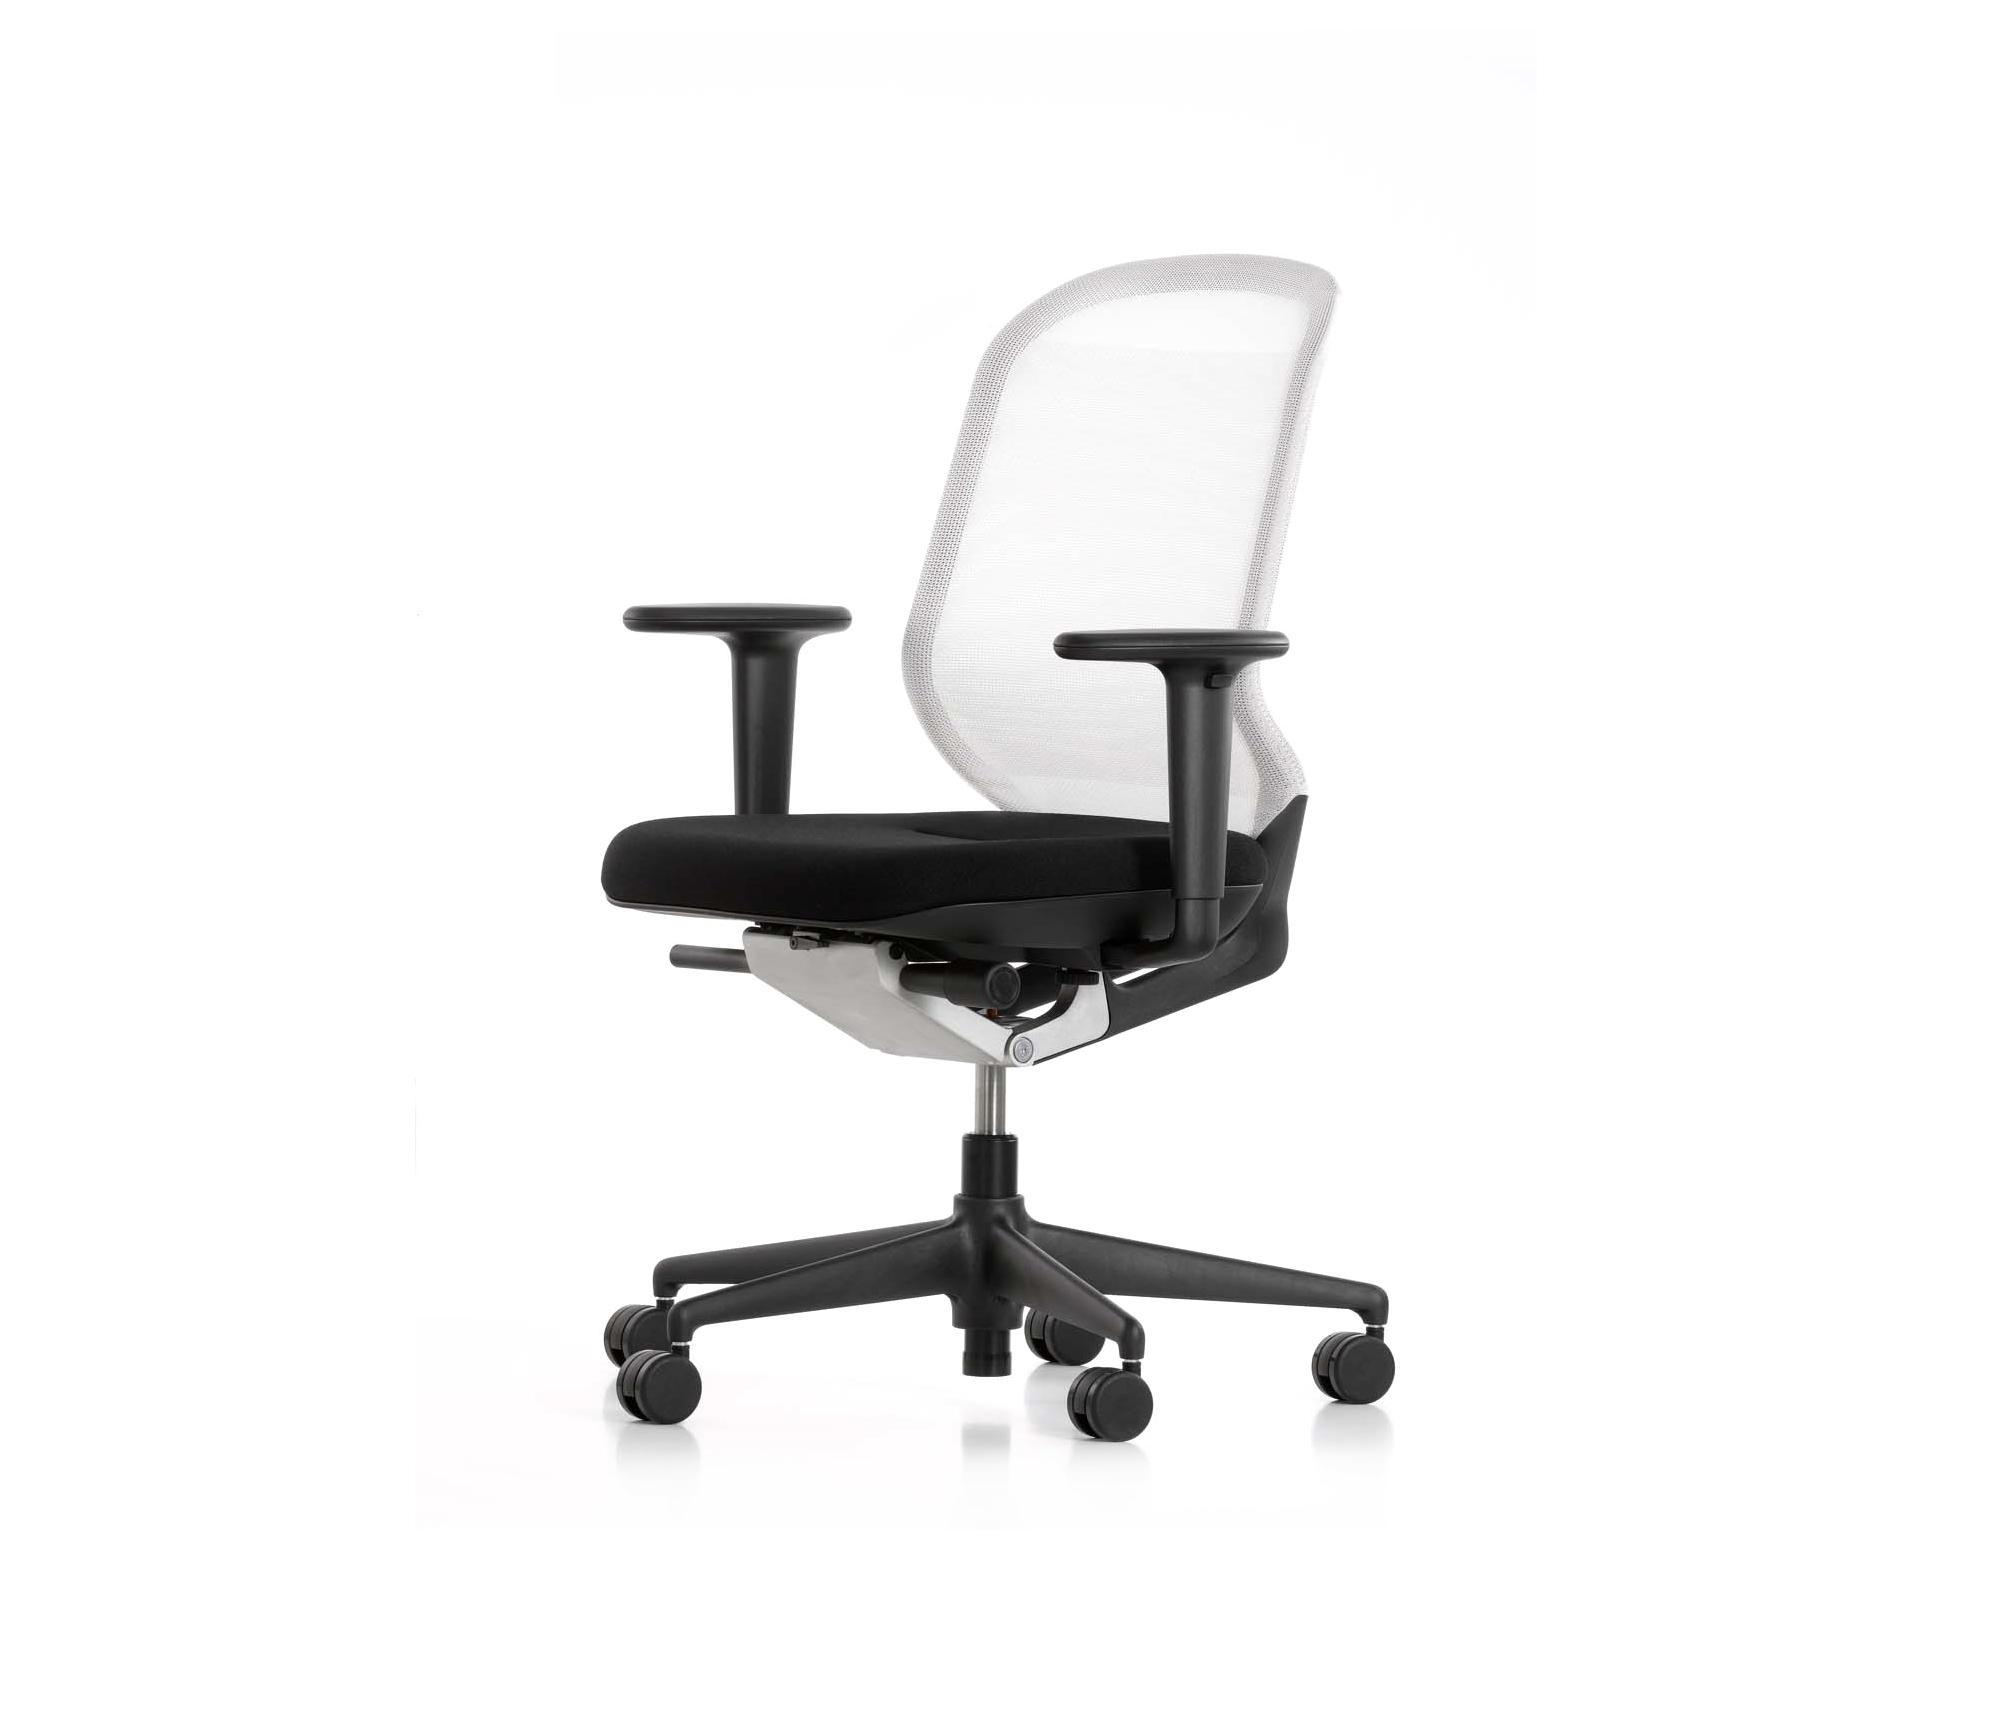 Medapal chaises de travail de vitra architonic for Chaise de travail